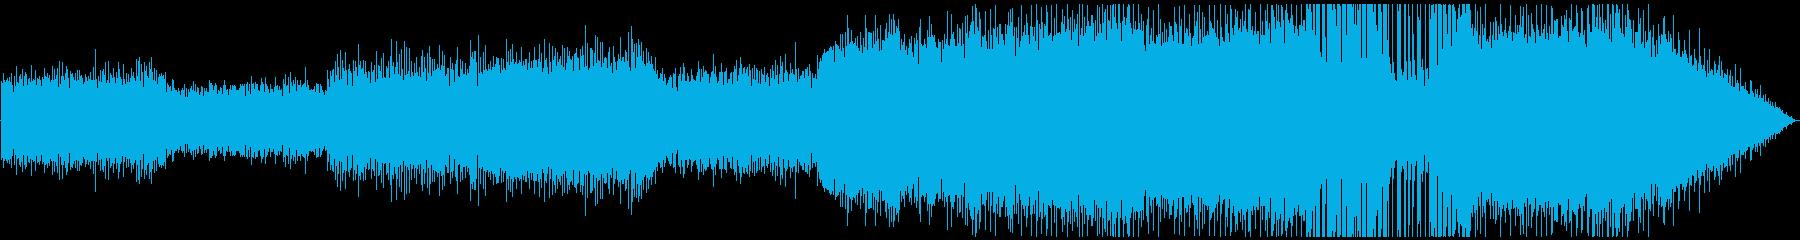 ハラハラ・ドキドキの緊張感!の再生済みの波形